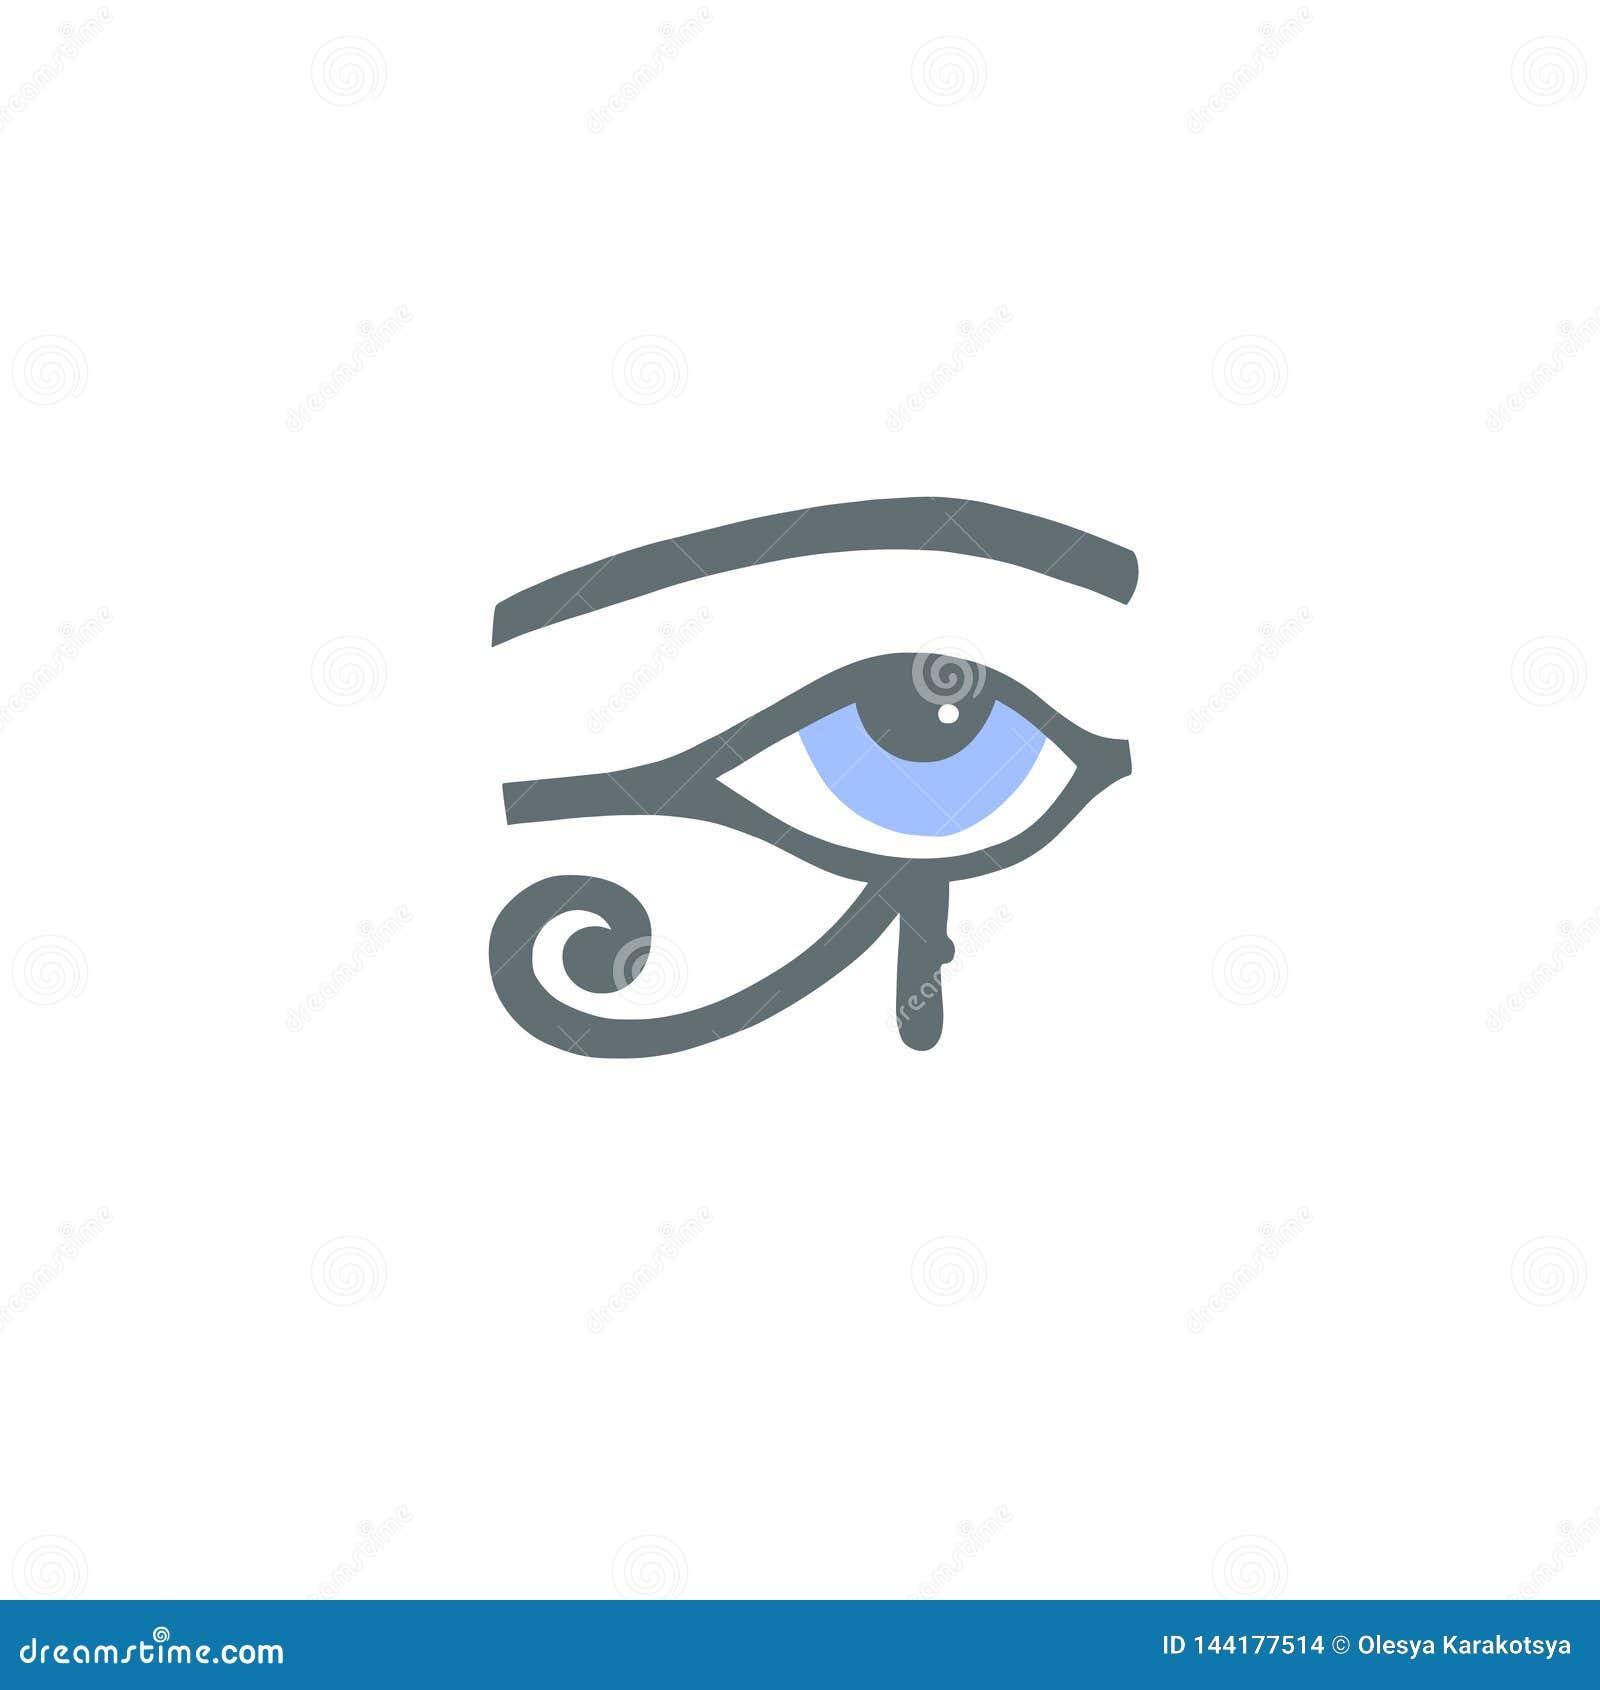 Egyptian Hieroglyph Eye Of Ra Or The Eye Of Horus Stock